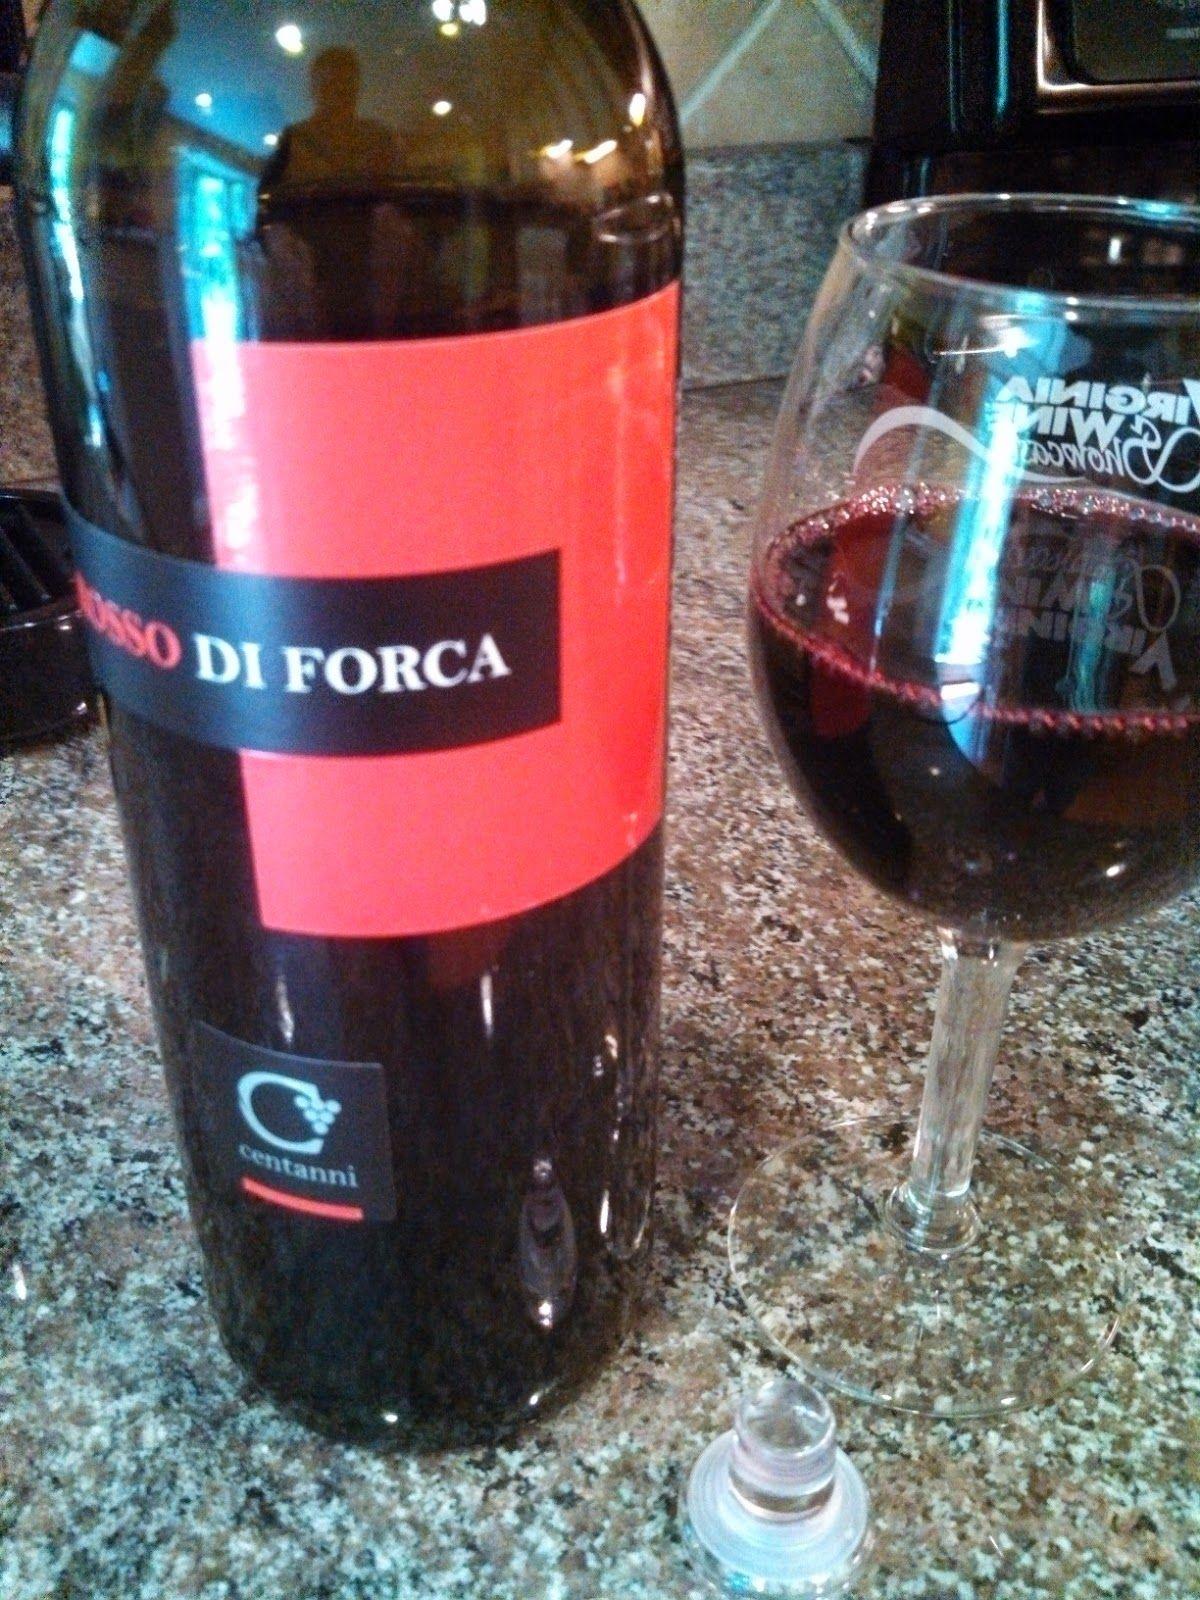 Centanni 2012 Rosso Di Forca Wine Italian Wine Wines